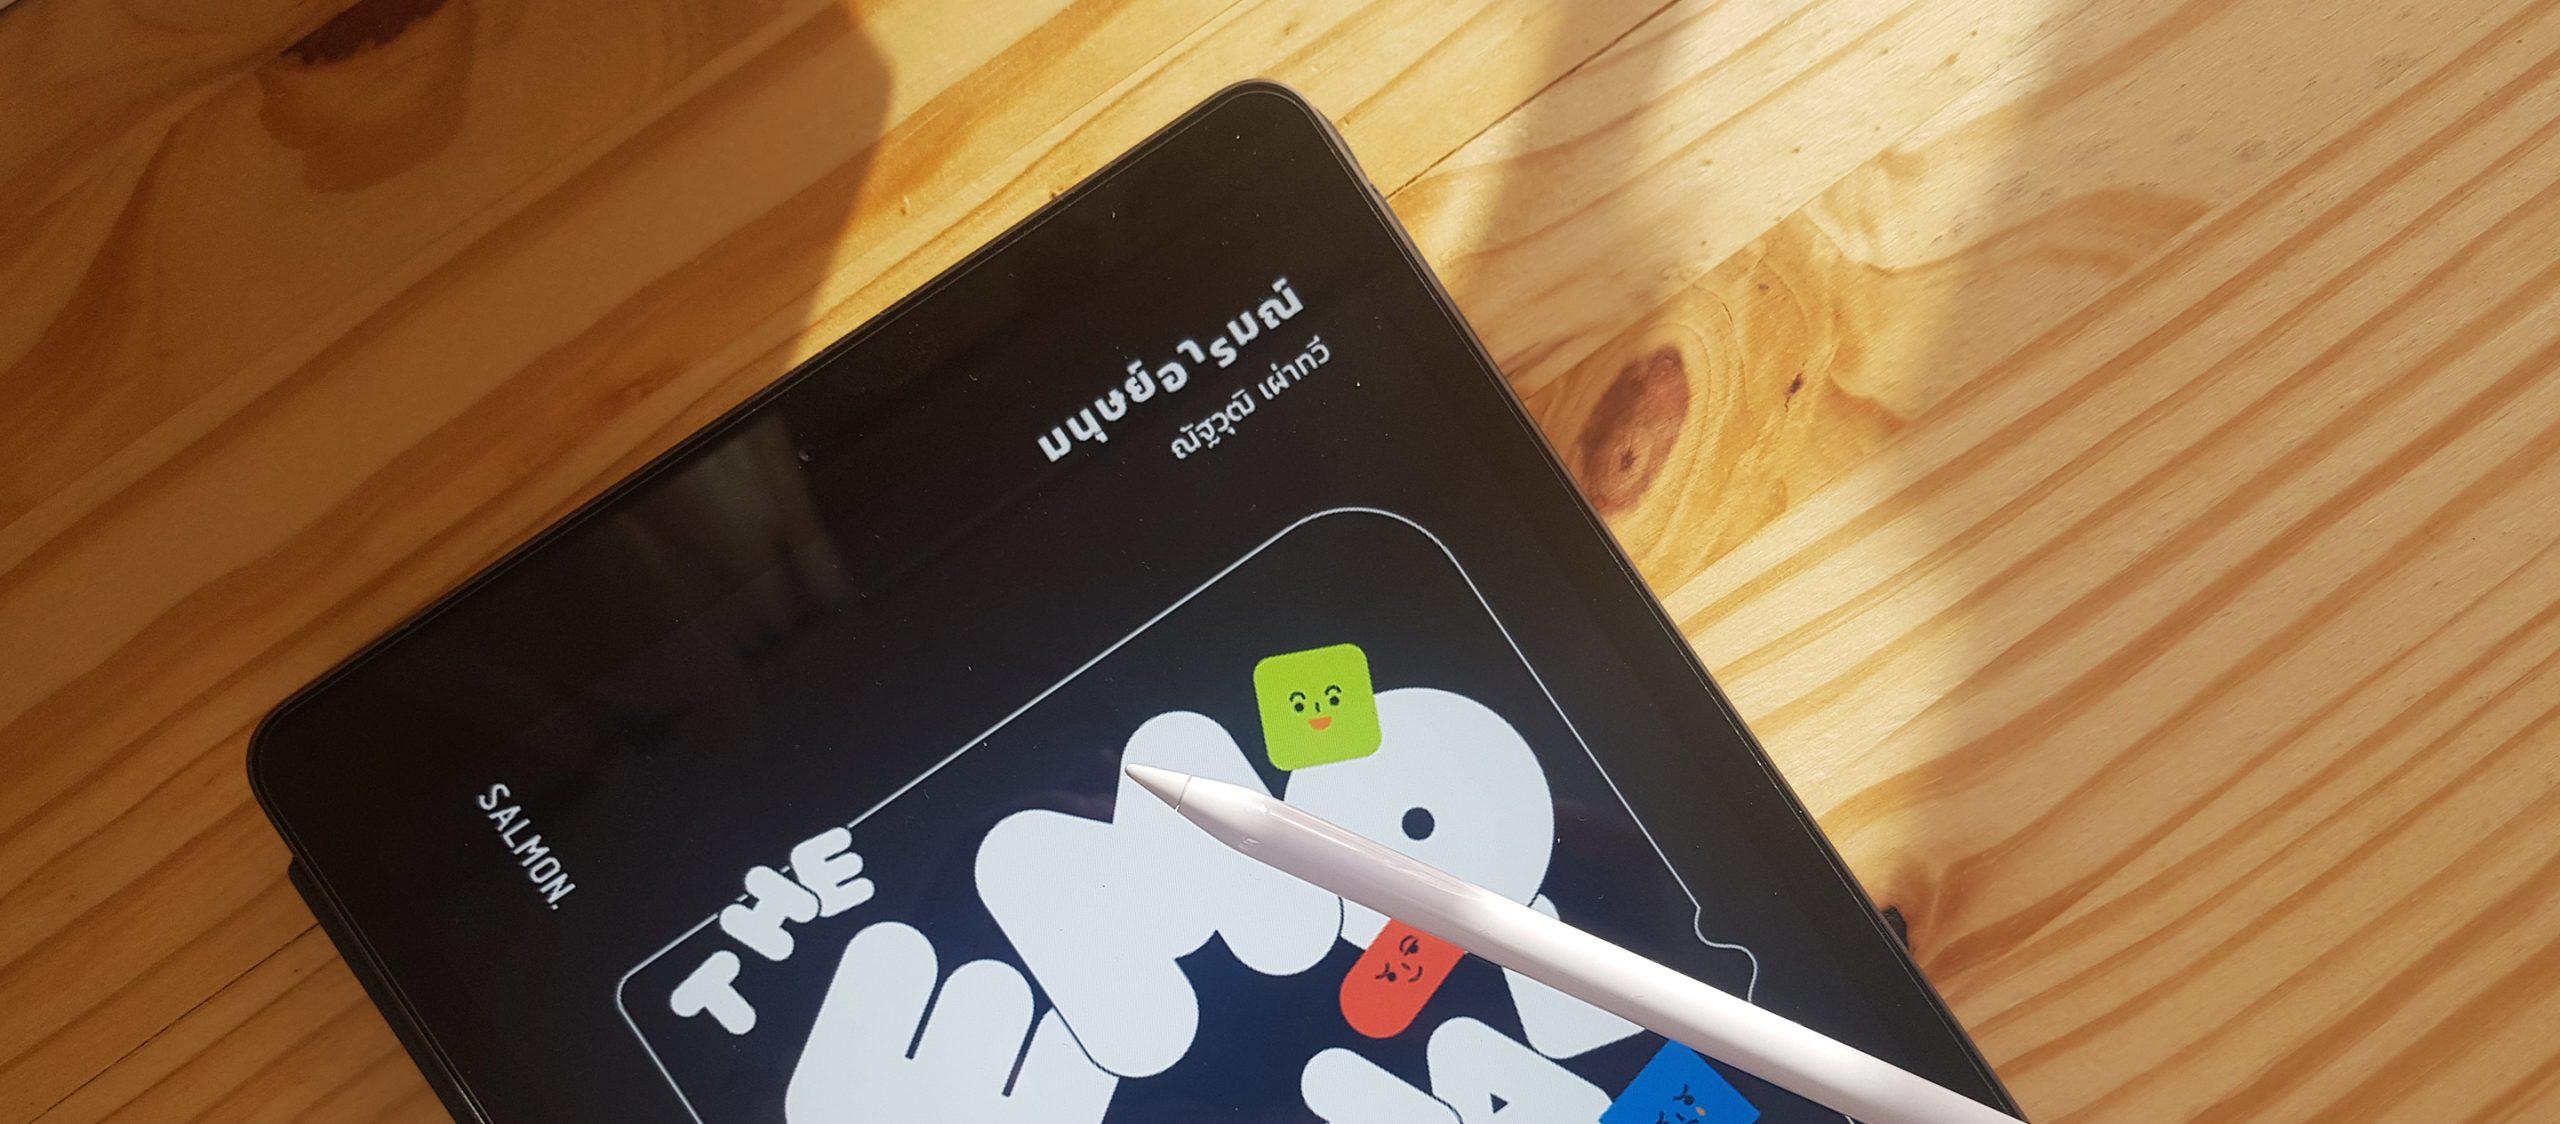 คุยกับปากกาของณัฐวุฒิ เผ่าทวี ผู้เขียน 'มนุษย์อารมณ์'